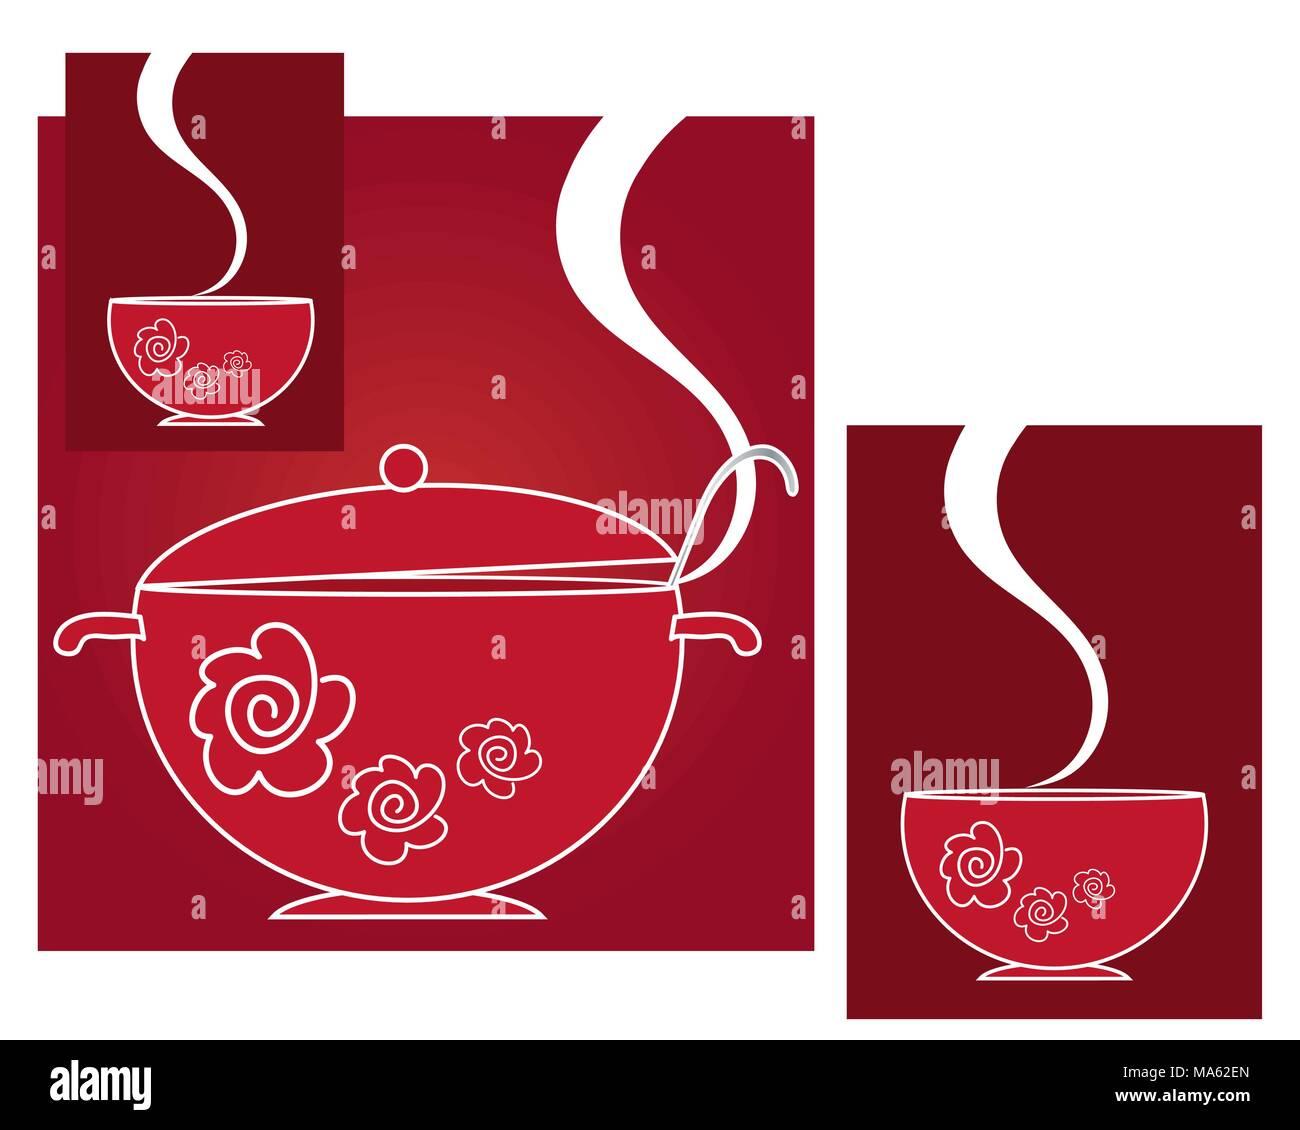 Una illustrazione vettoriale in formato eps di un rosso zuppiera e due contenitori per la cottura a vapore in un disegno astratto con uno spazio bianco per il testo Immagini Stock